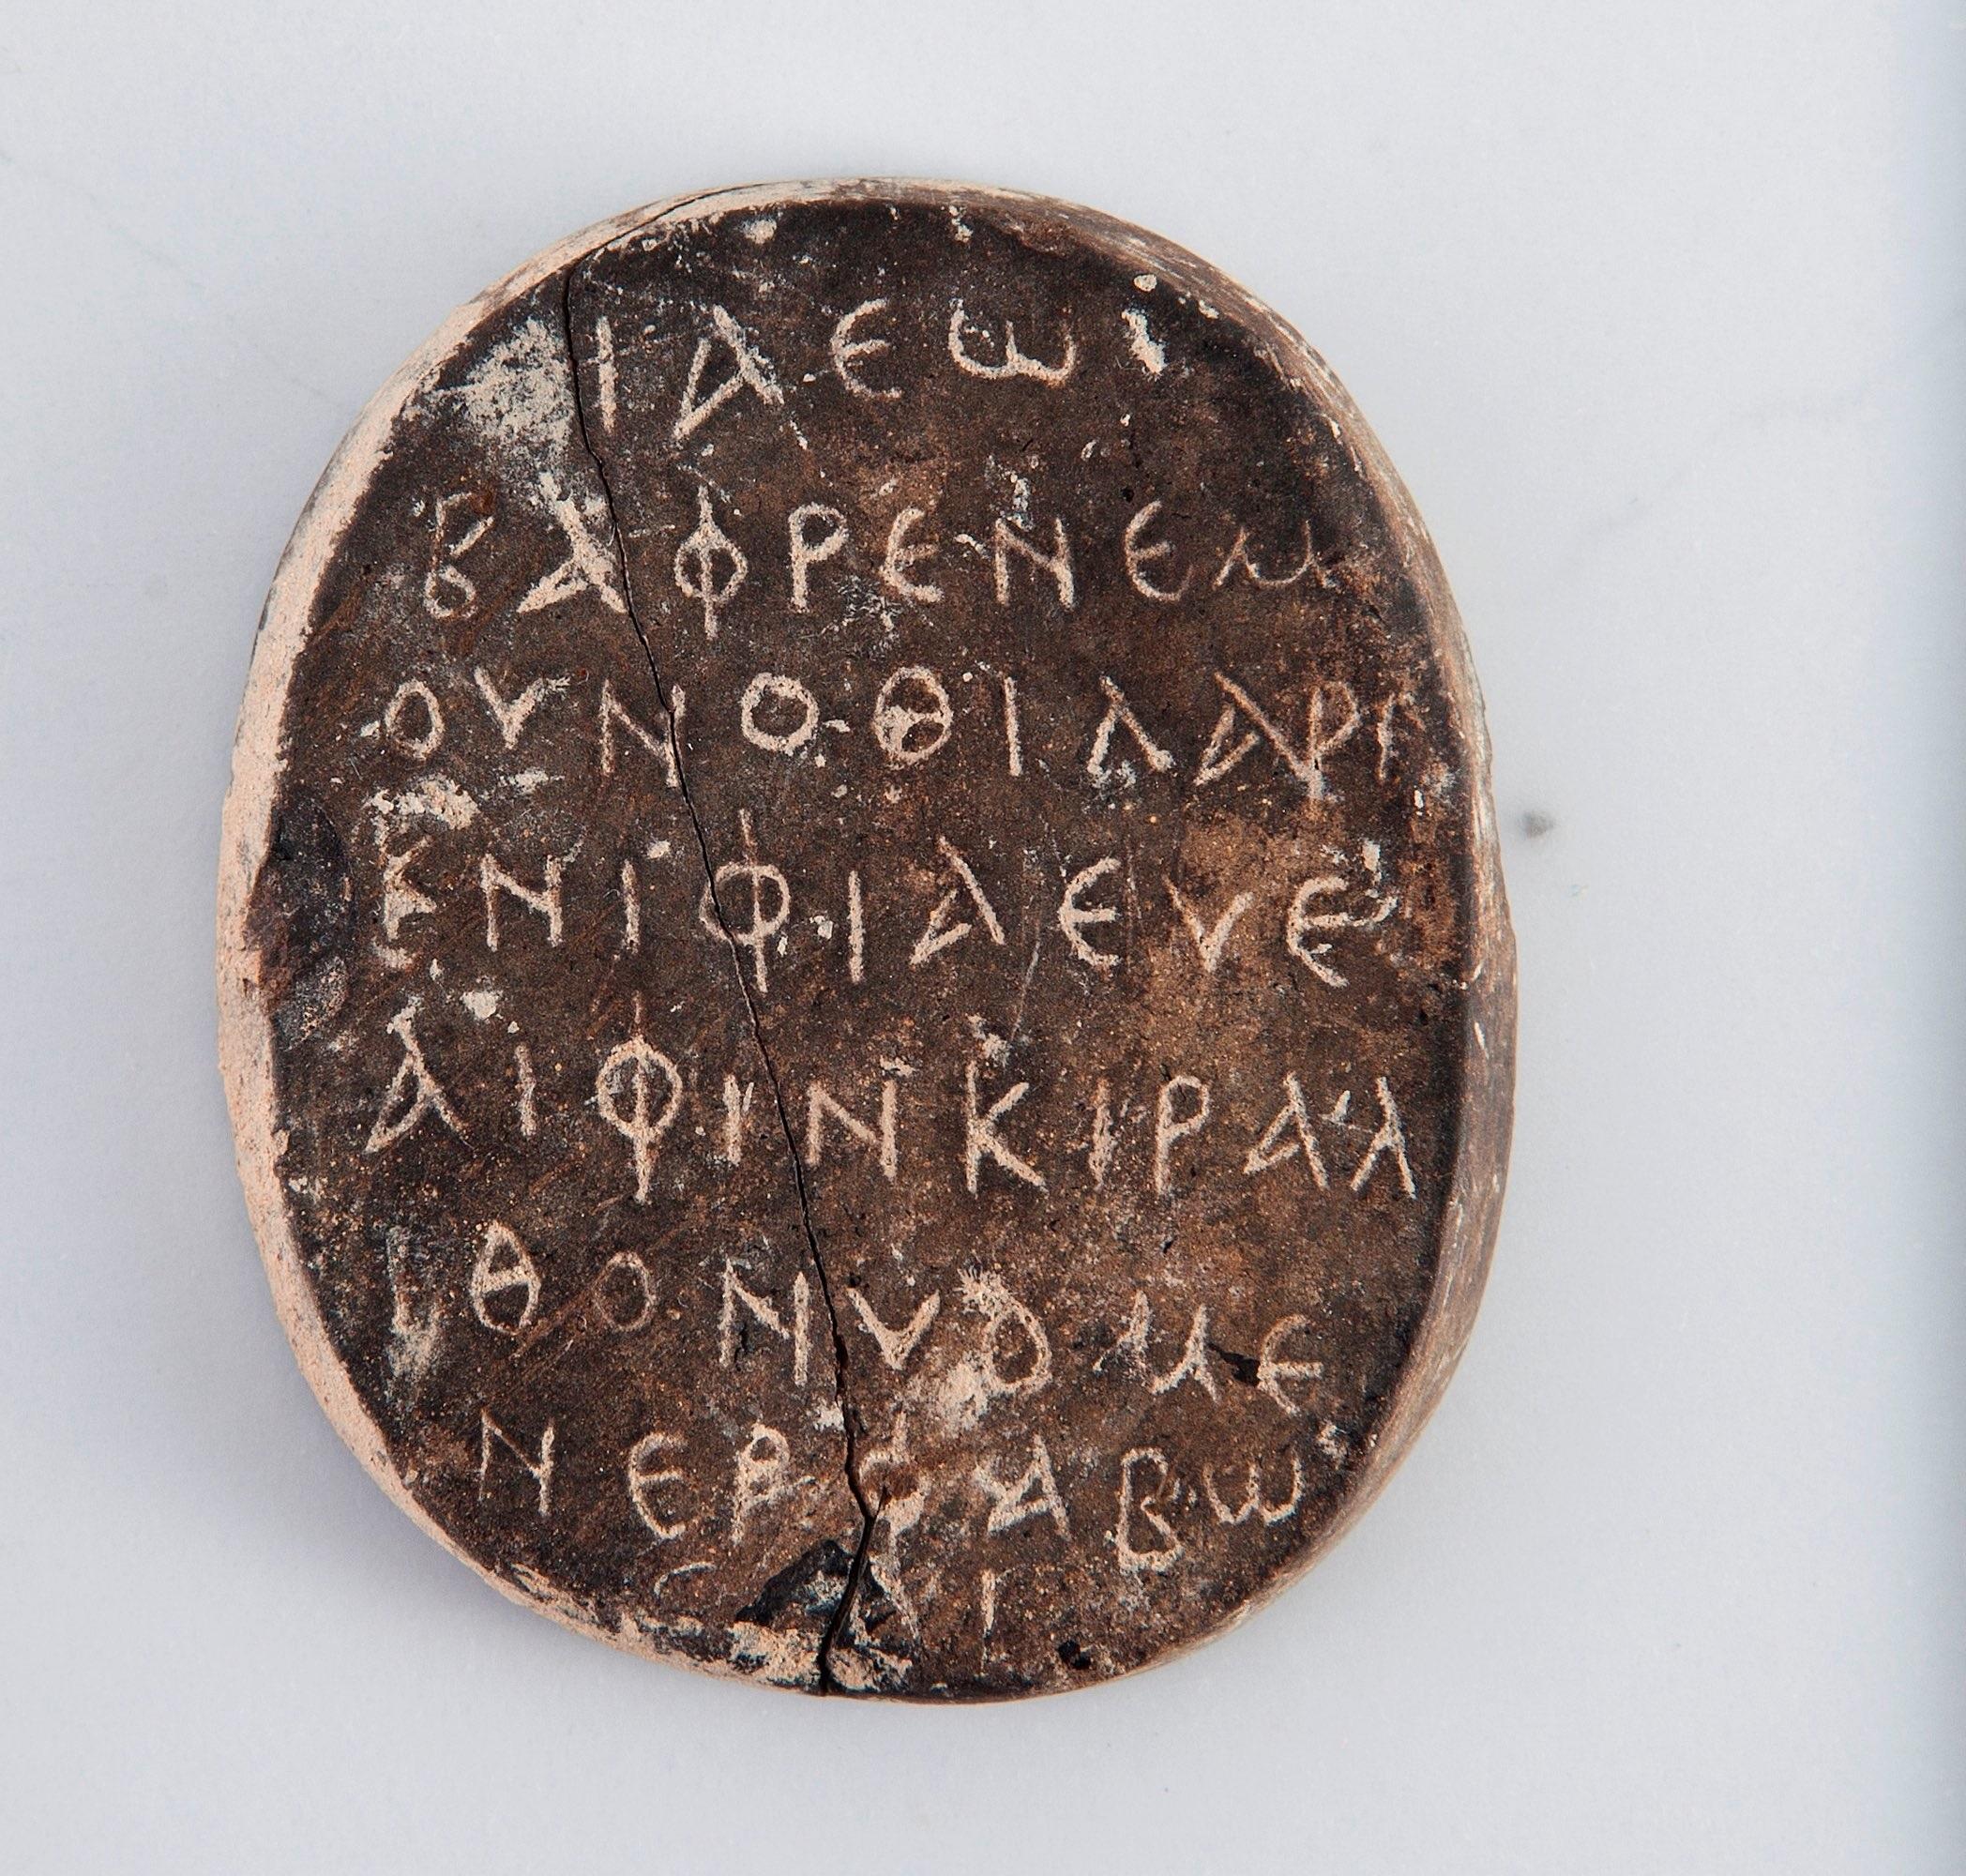 Apollonius of Tyana's Amulet